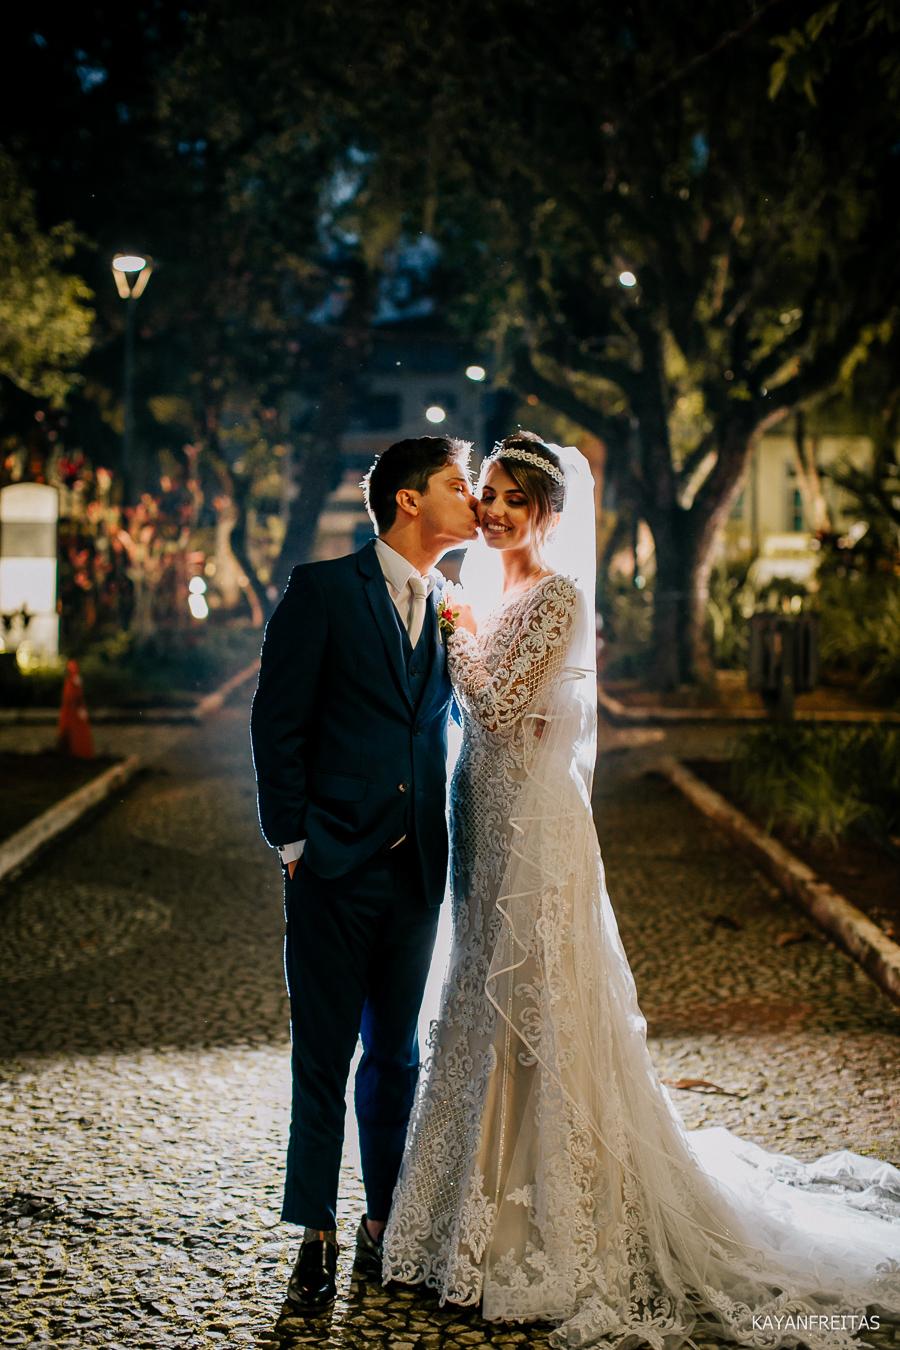 fotos-casamento-floripa-bed-0100 Casamento em São José - Izabelle e Douglas